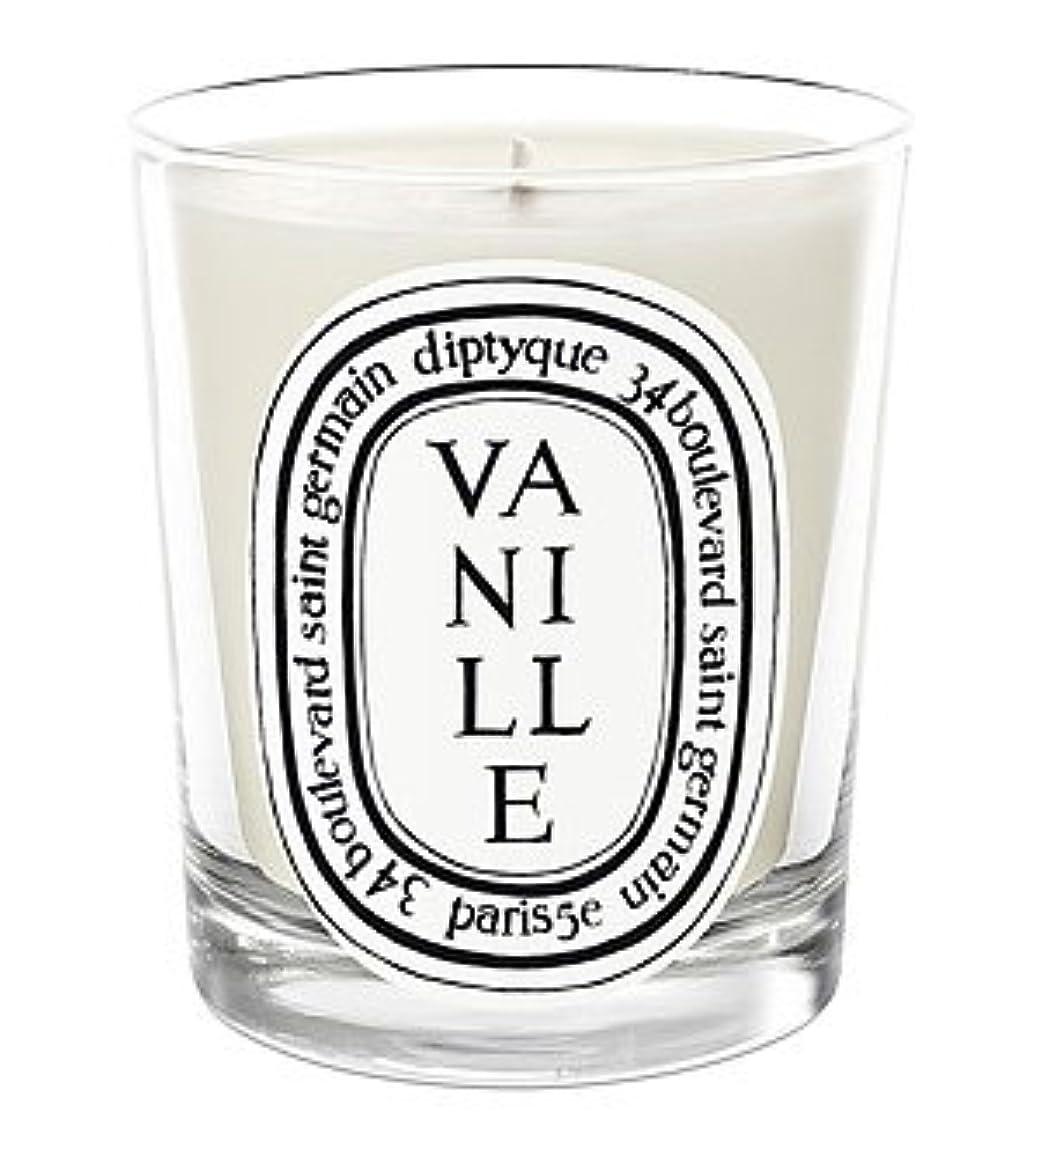 ディプティック Scented Candle - Vanille (Vanilla) 70g/2.4oz並行輸入品